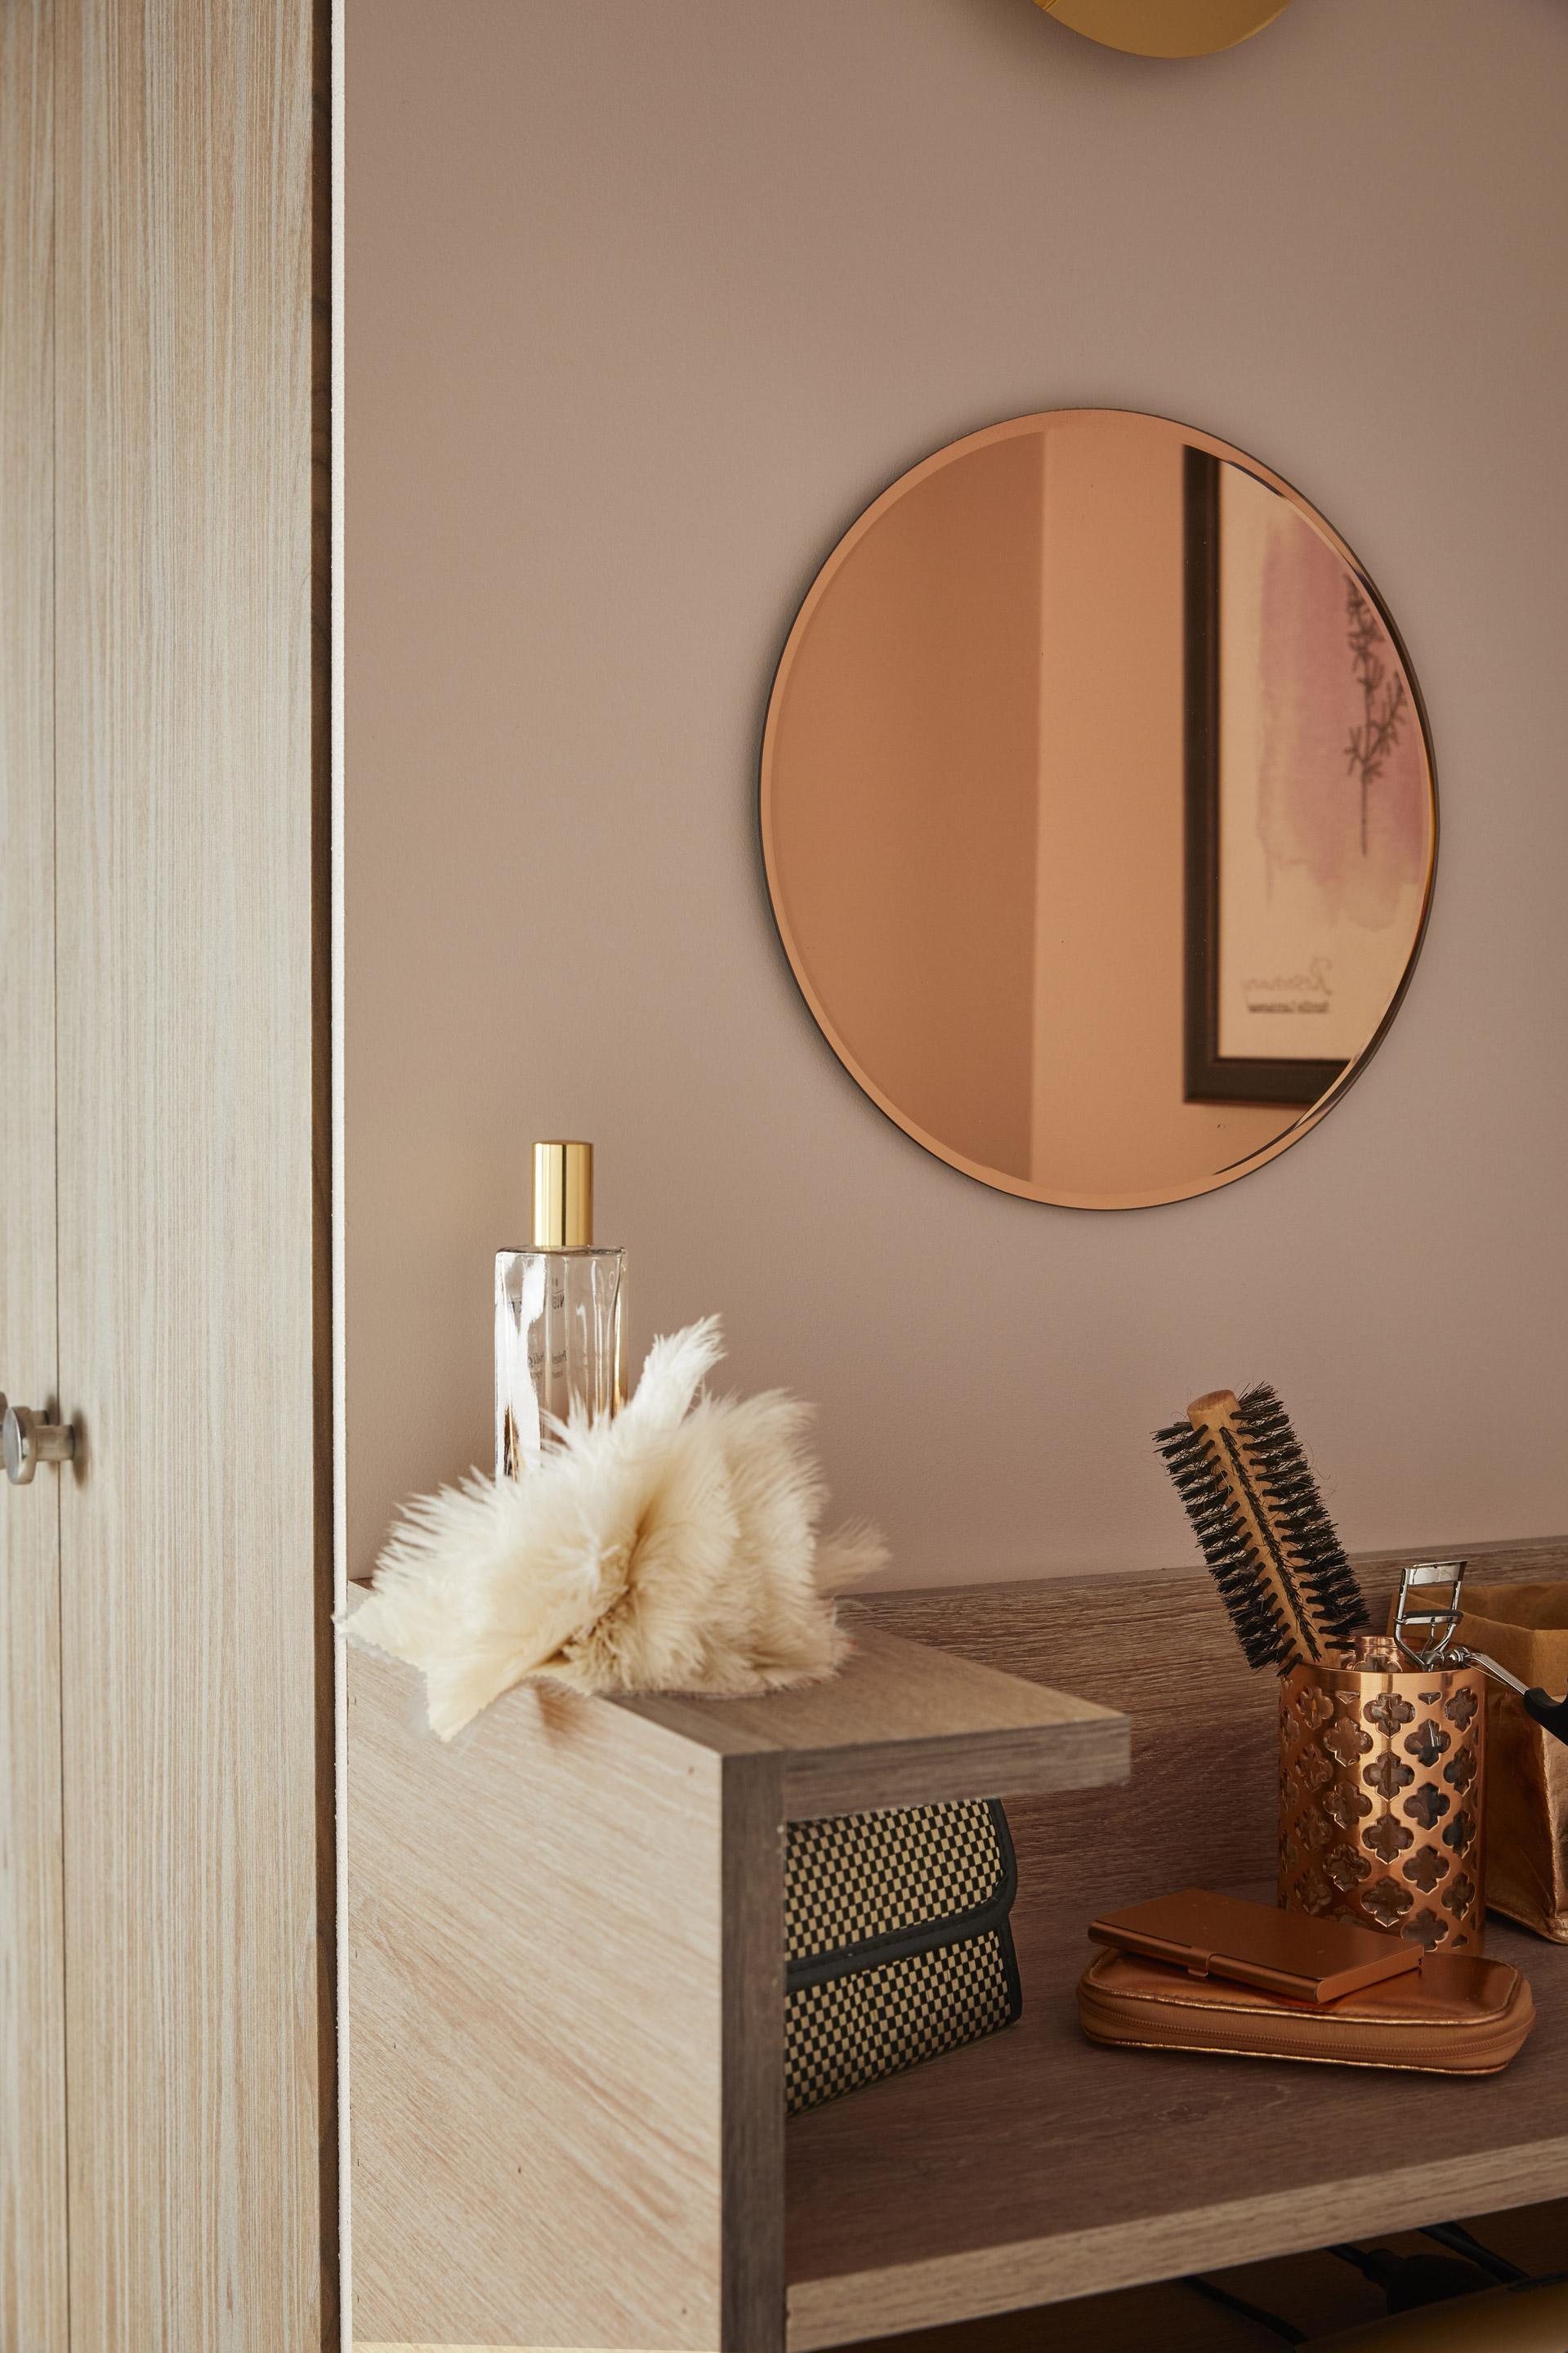 Miroir rond Cuivre, D 30 cm